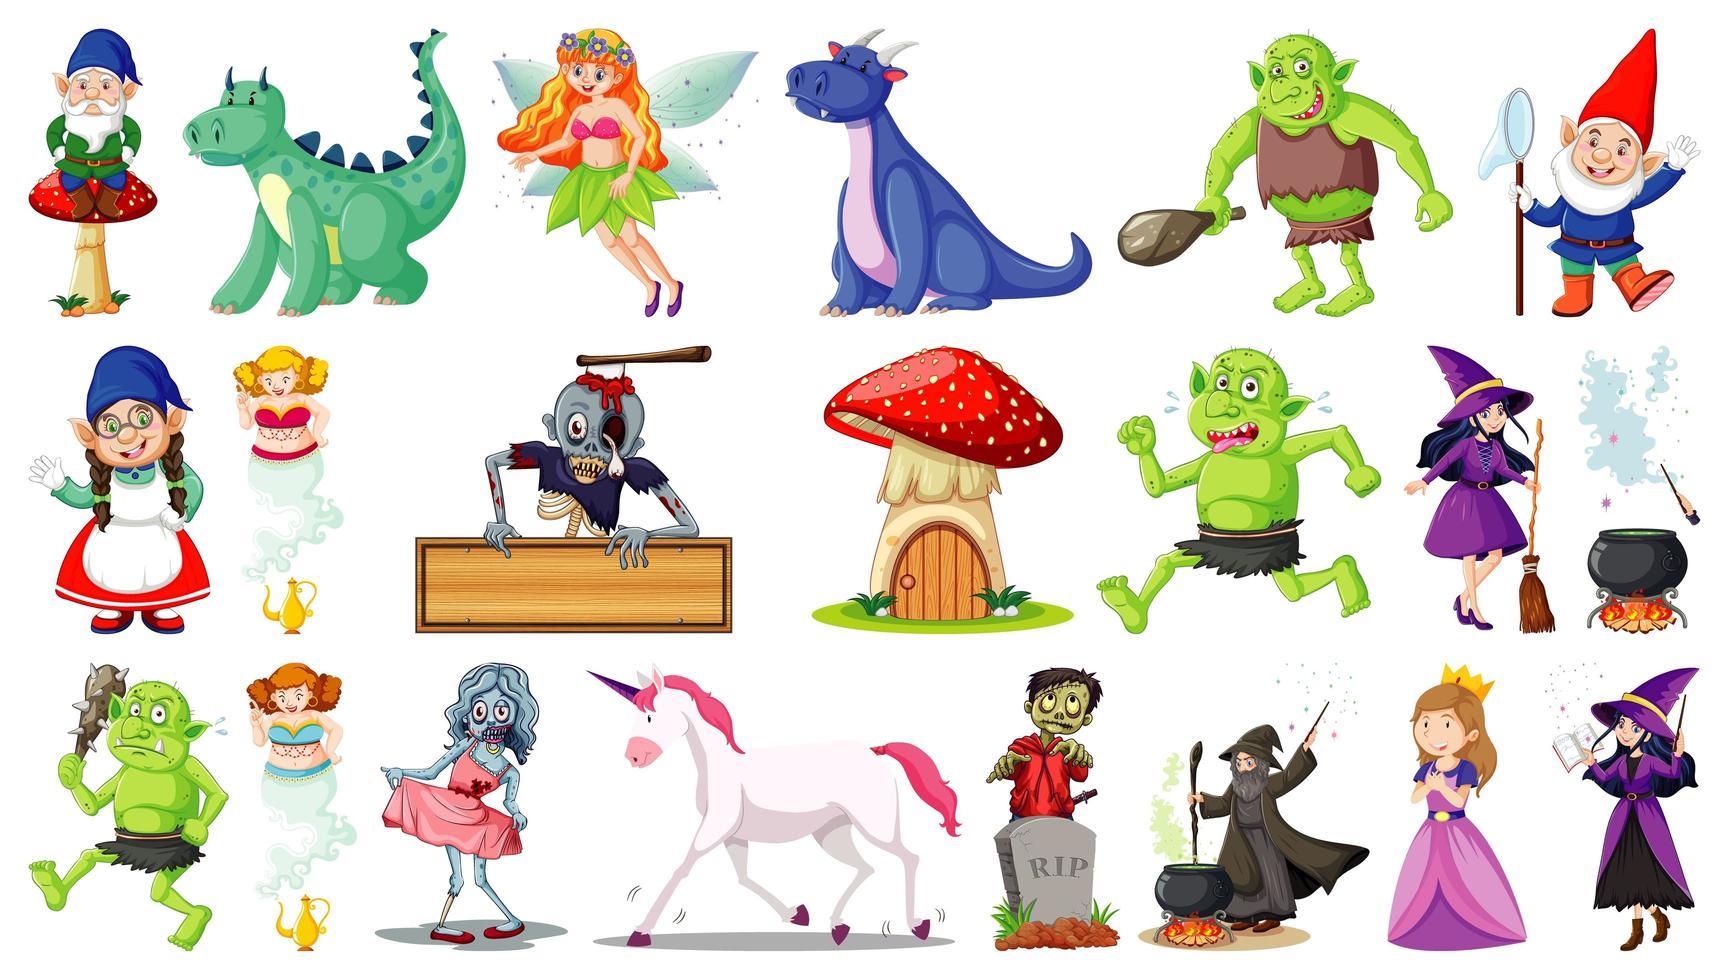 personajes de dibujos animados de fantasía sobre fondo blanco vector